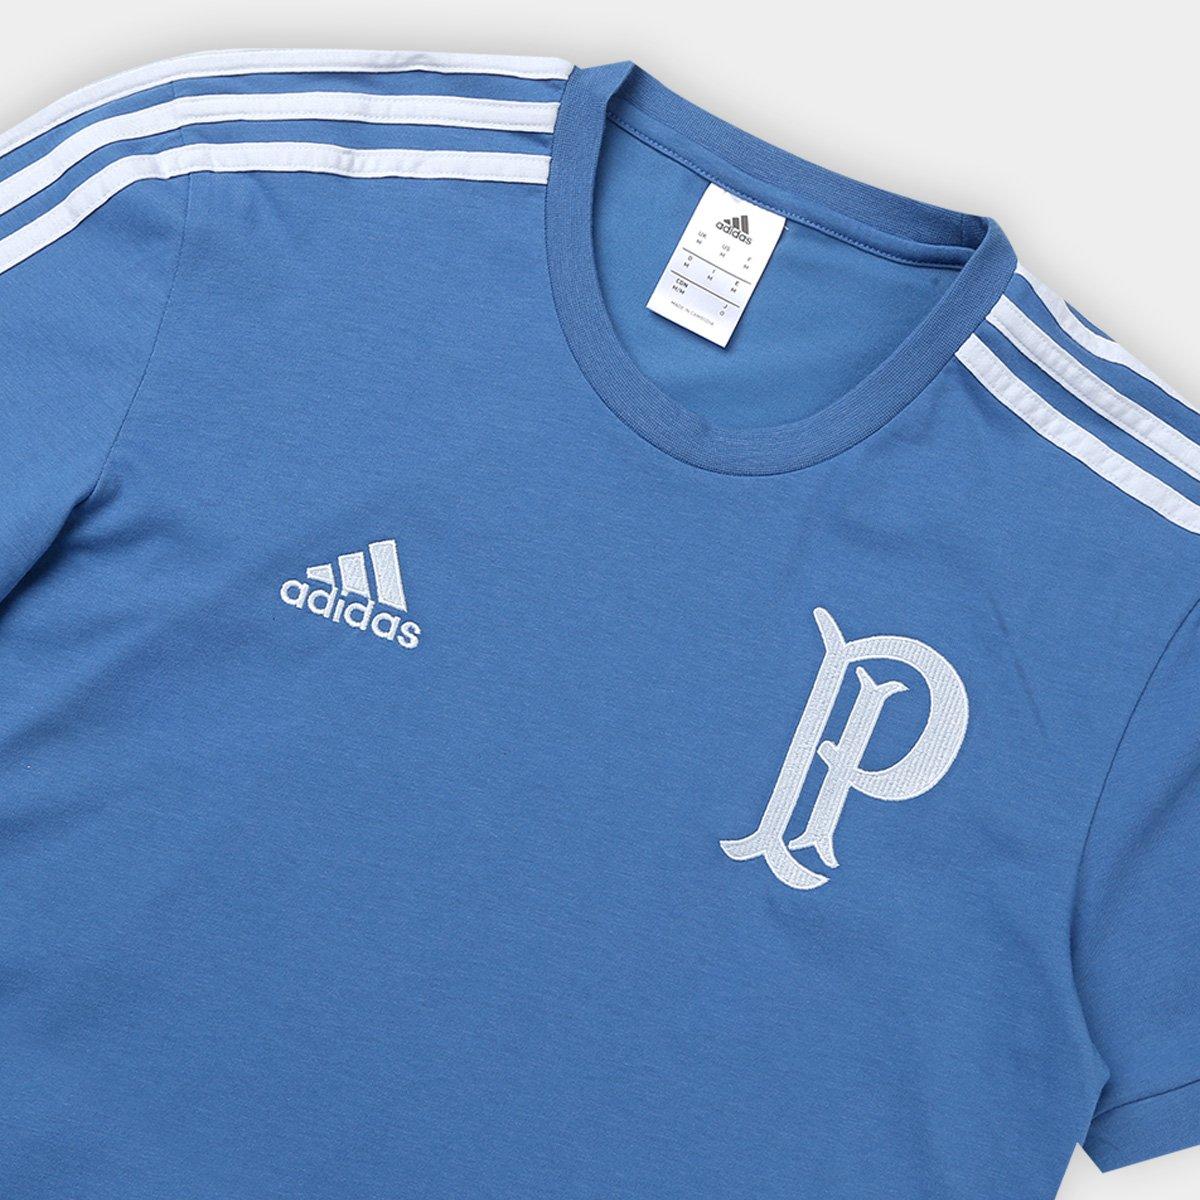 92765255f0 Camiseta Palmeiras Viagem Adidas Masculina - Azul - Compre Agora ...